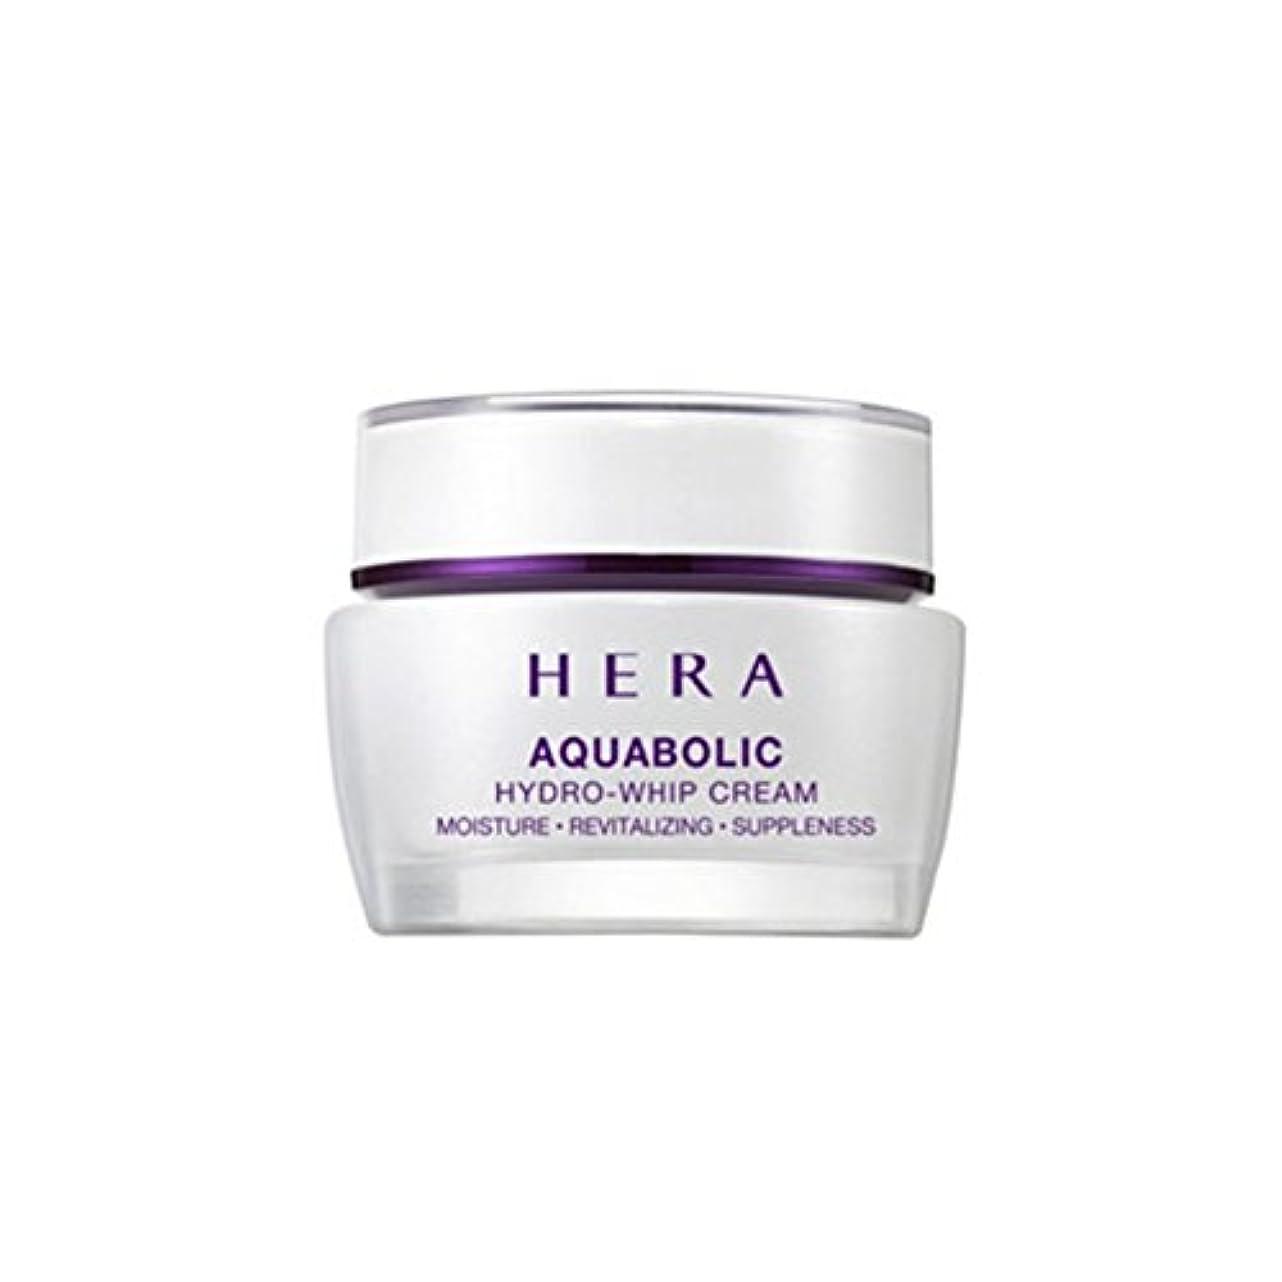 名詞ベンチャー助けになる(ヘラ) HERA Aquabolic Hydro-Whip Cream アクアボリックハイドロホイップ クリーム (韓国直発送) oopspanda